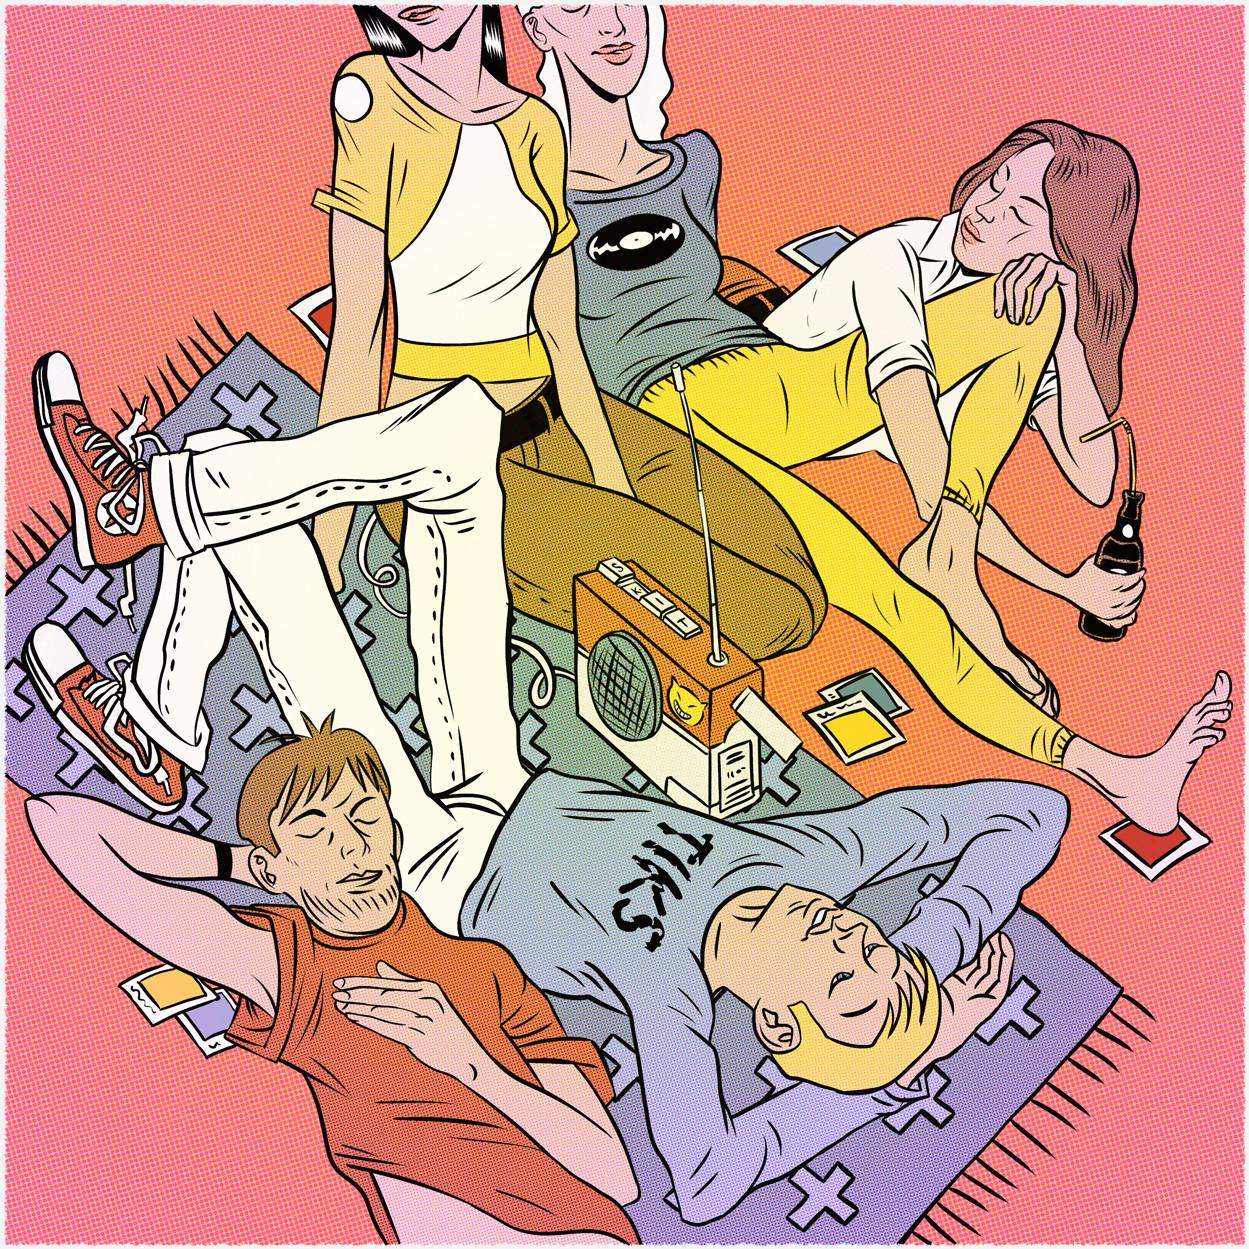 Digital poster art illustration